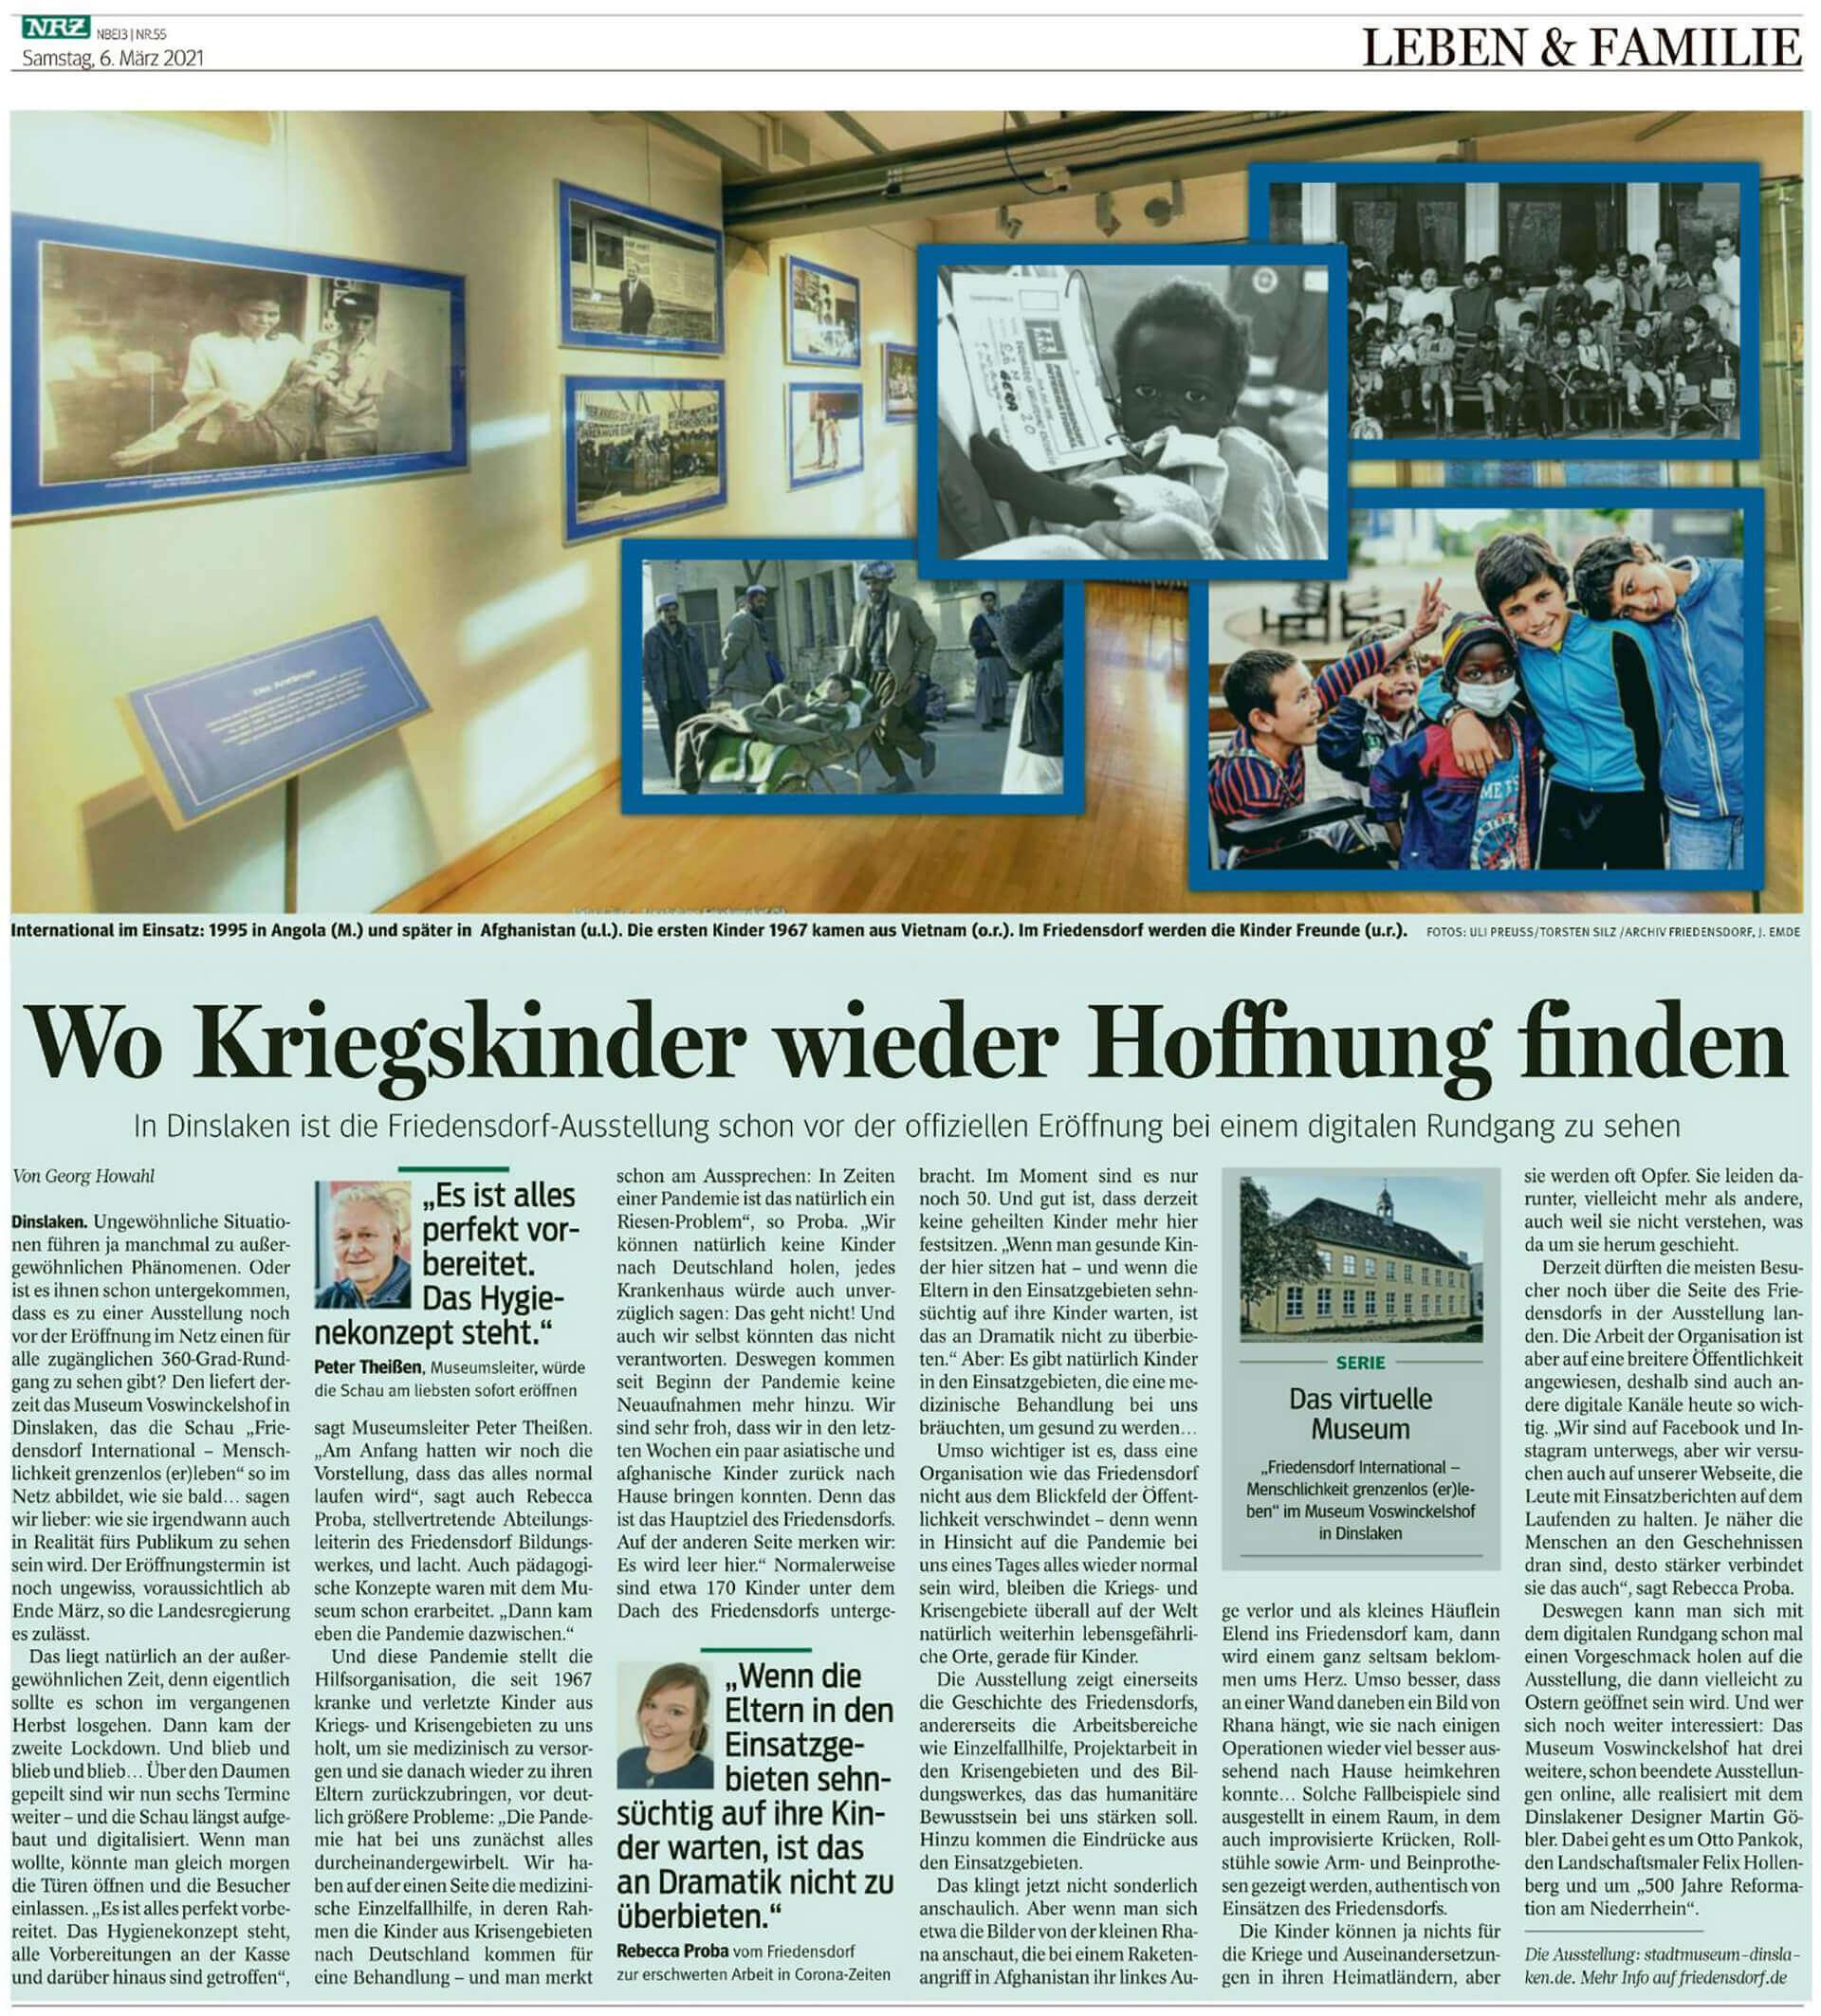 NRZ vom 6 März 2021 - Friedensdorf - Wo Kriegskinder wieder Hoffnung finden